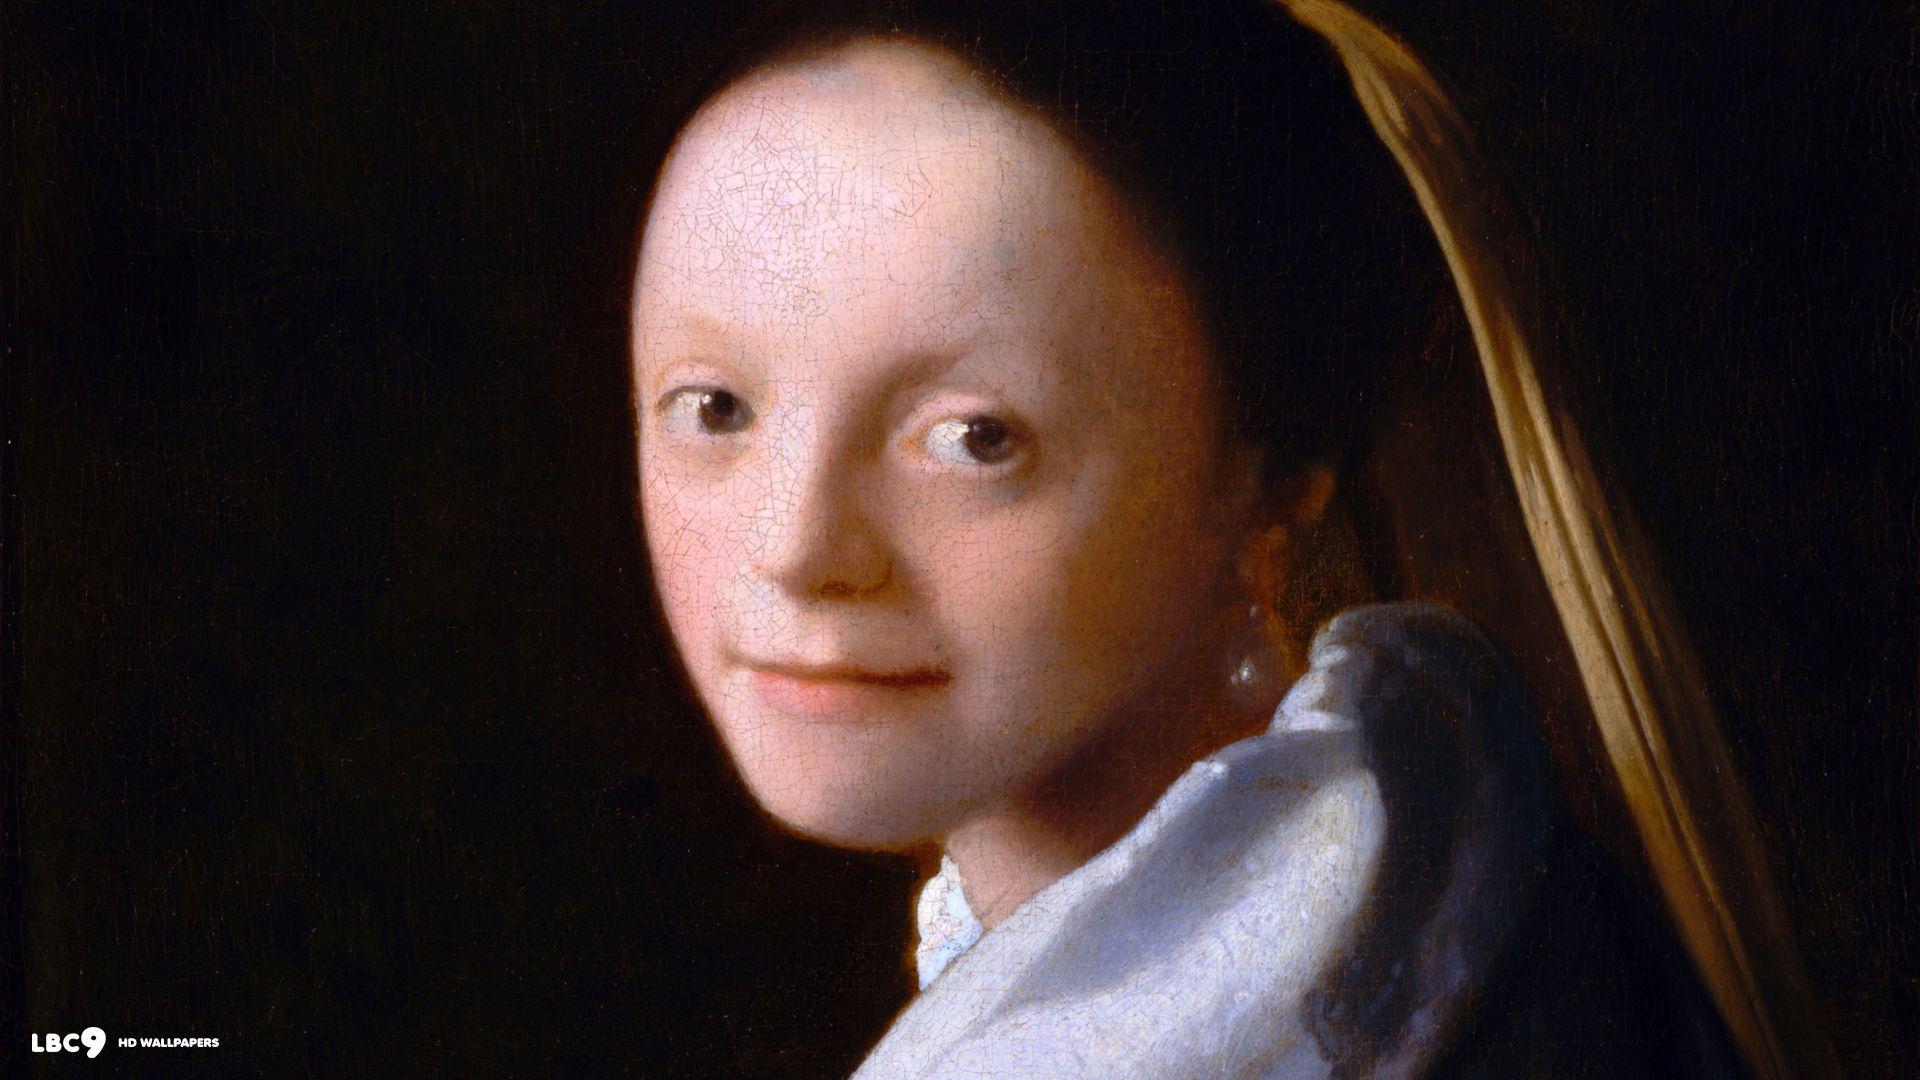 johannes vermeer wallpaper 14/16 | paintings hd backgrounds